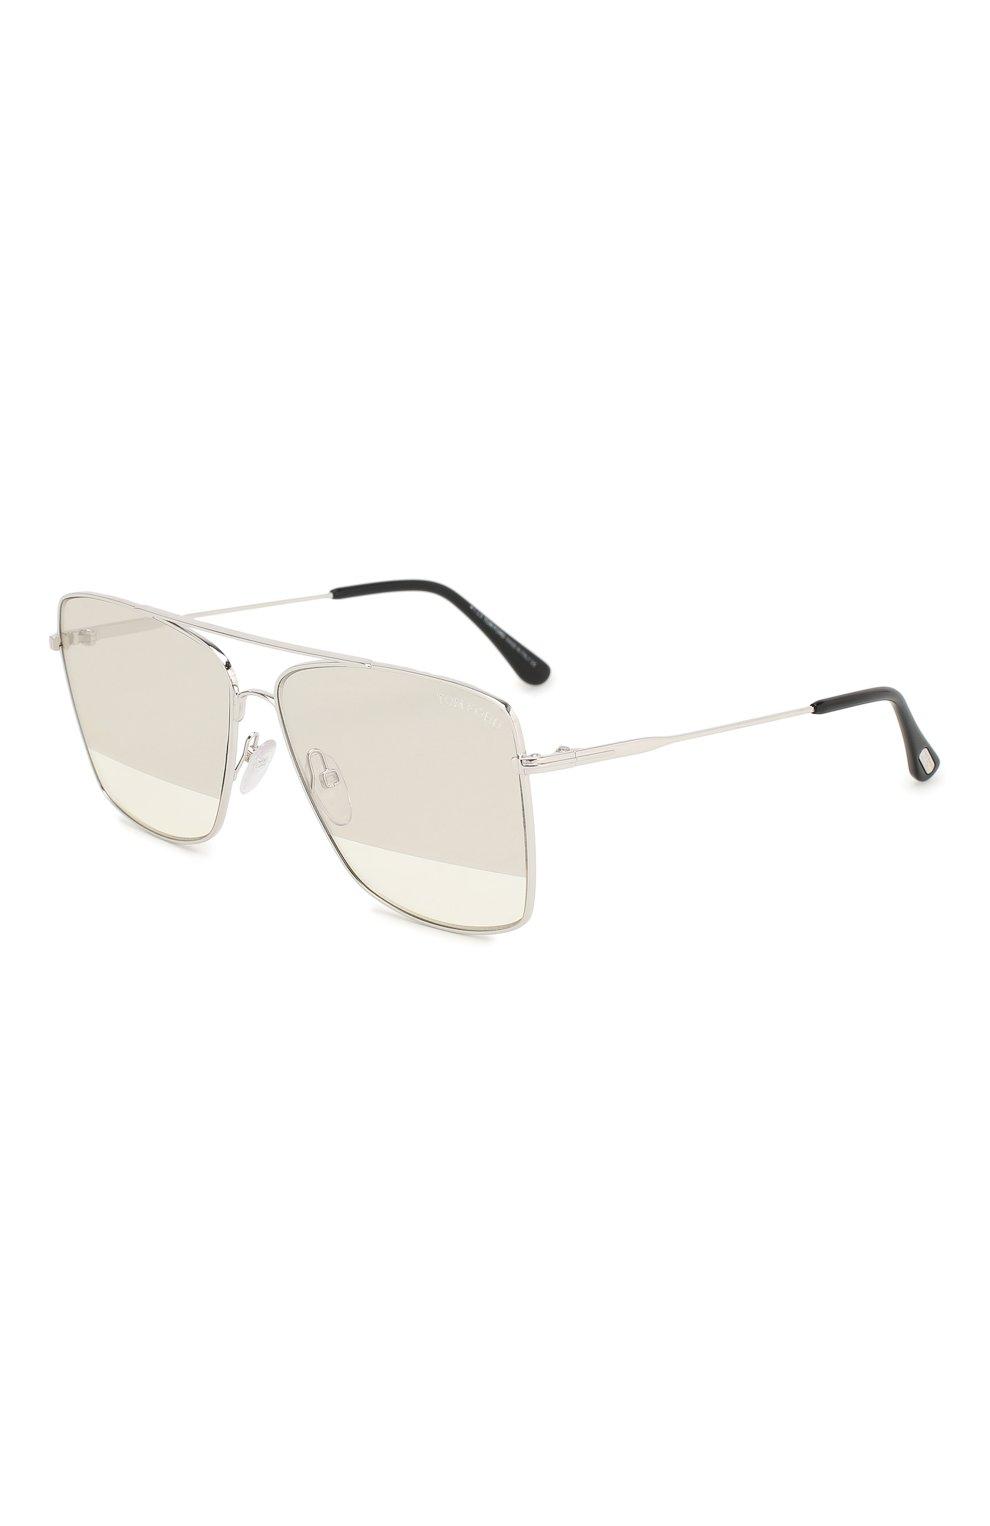 Женские солнцезащитные очки TOM FORD серебряного цвета, арт. TF651 18C | Фото 1